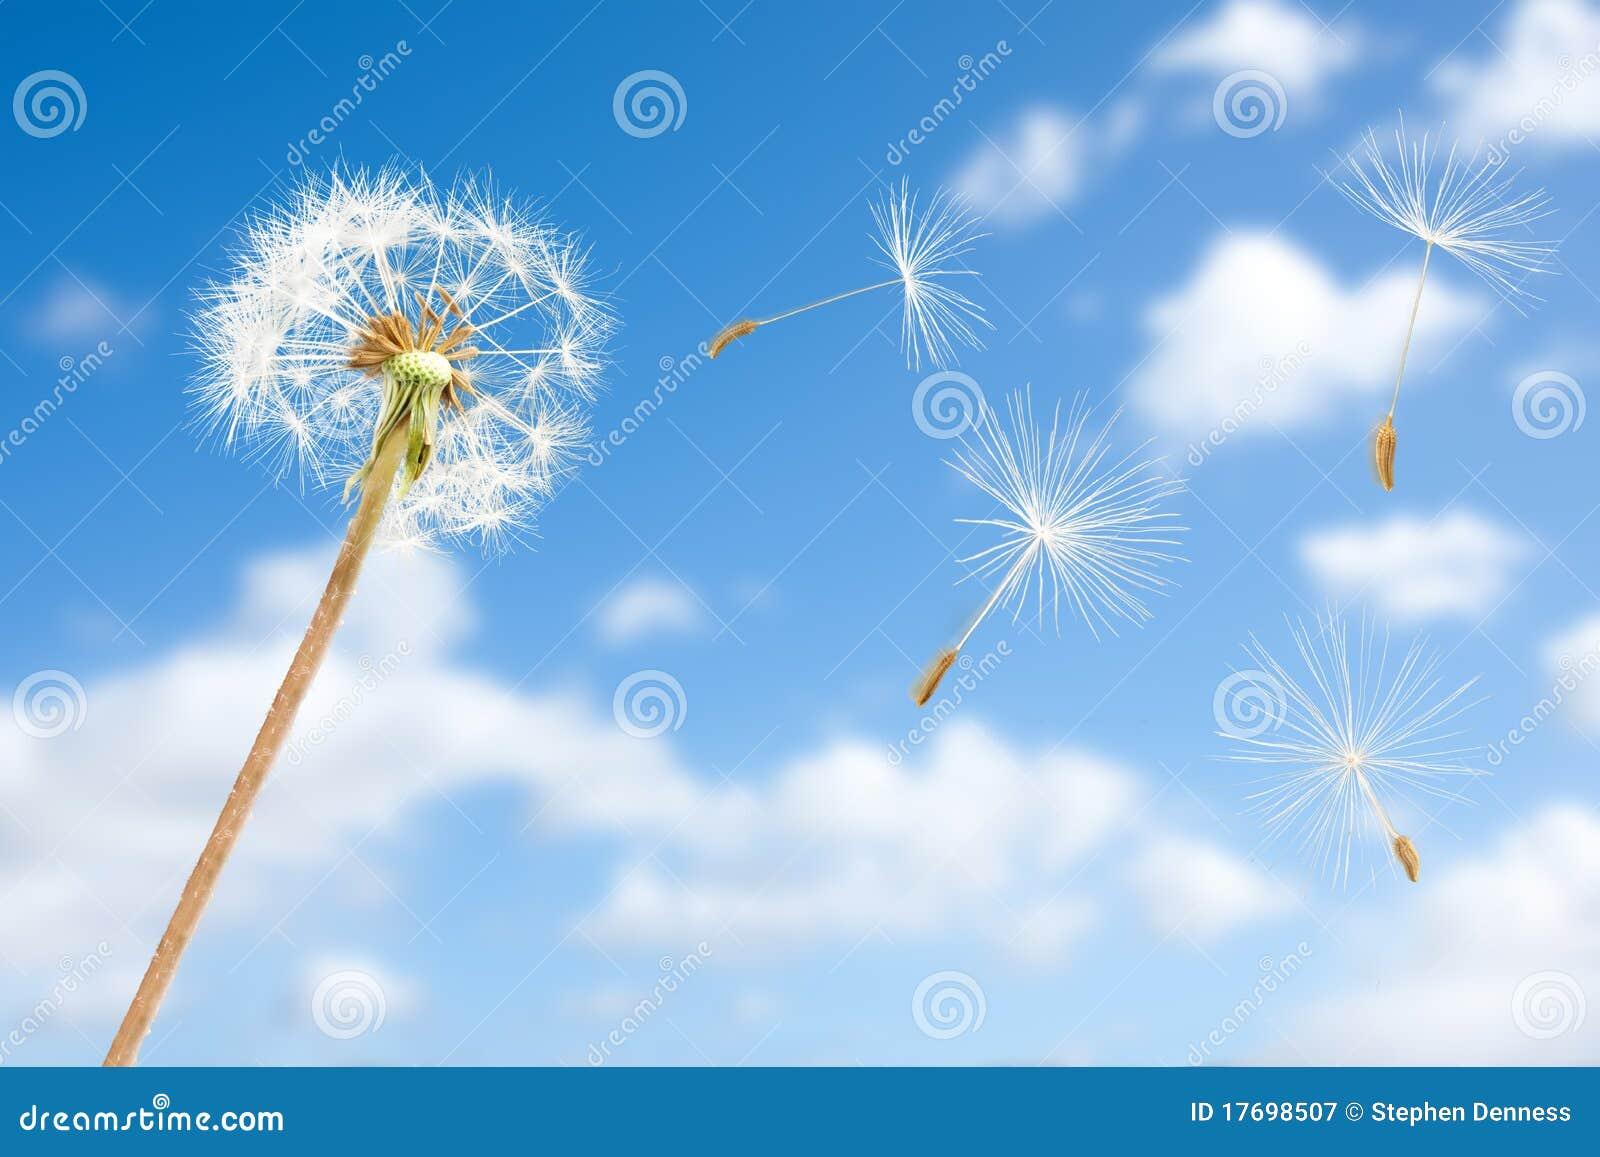 Dandelion latający ziaren nieba wiatr